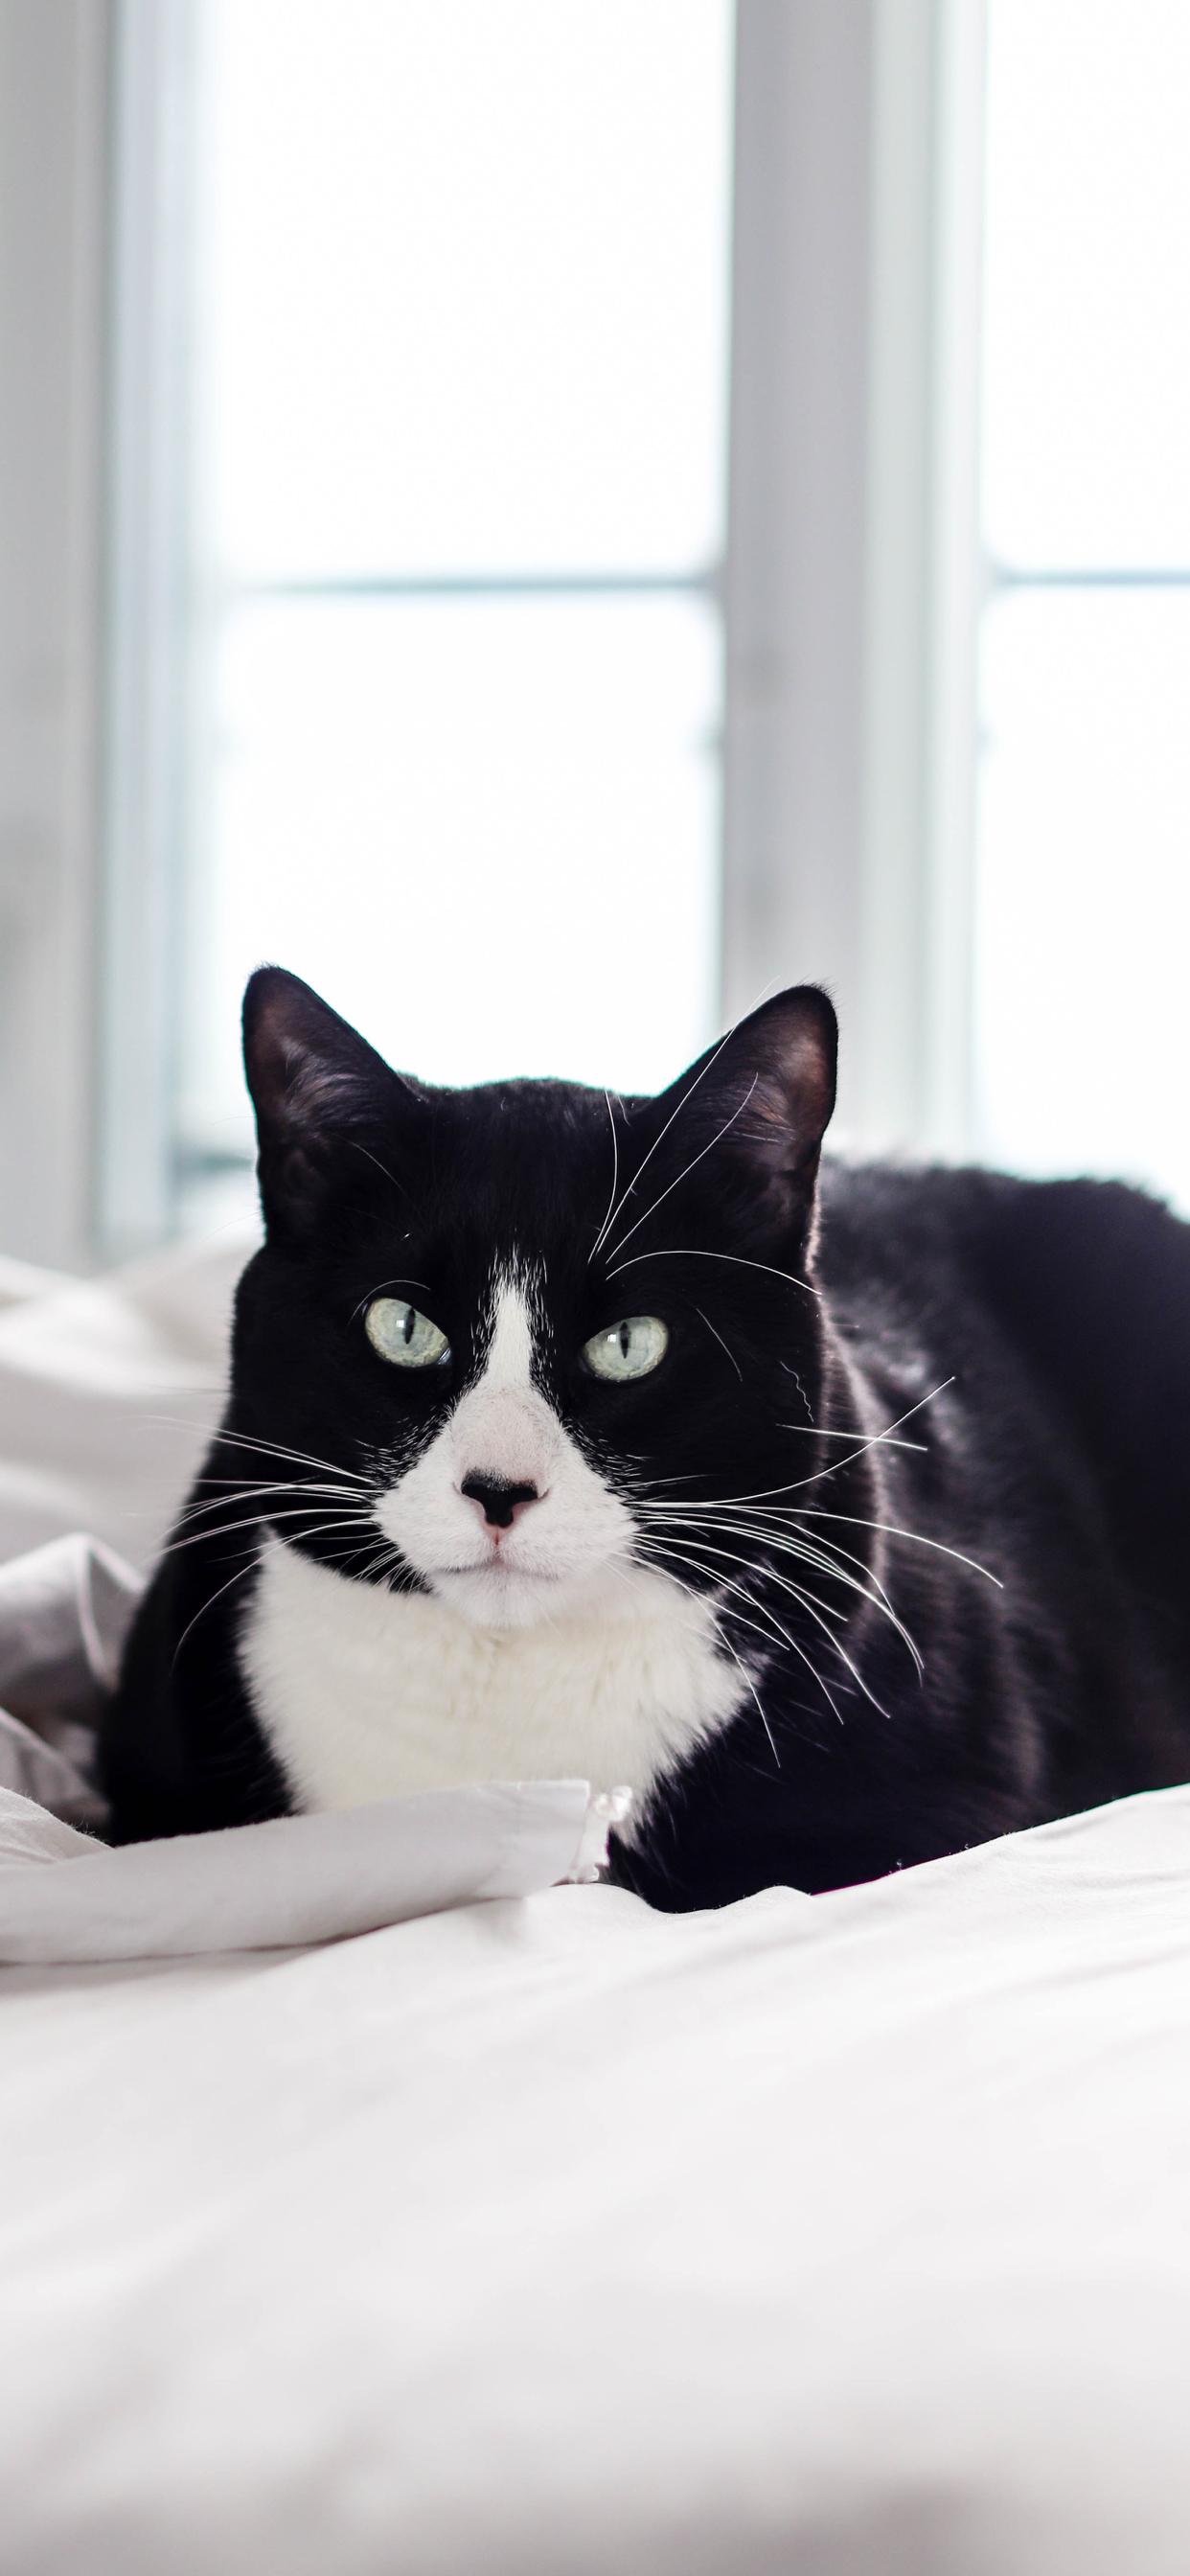 8 Cute Cat Iphone Wallpapers Cat T Shirt Store